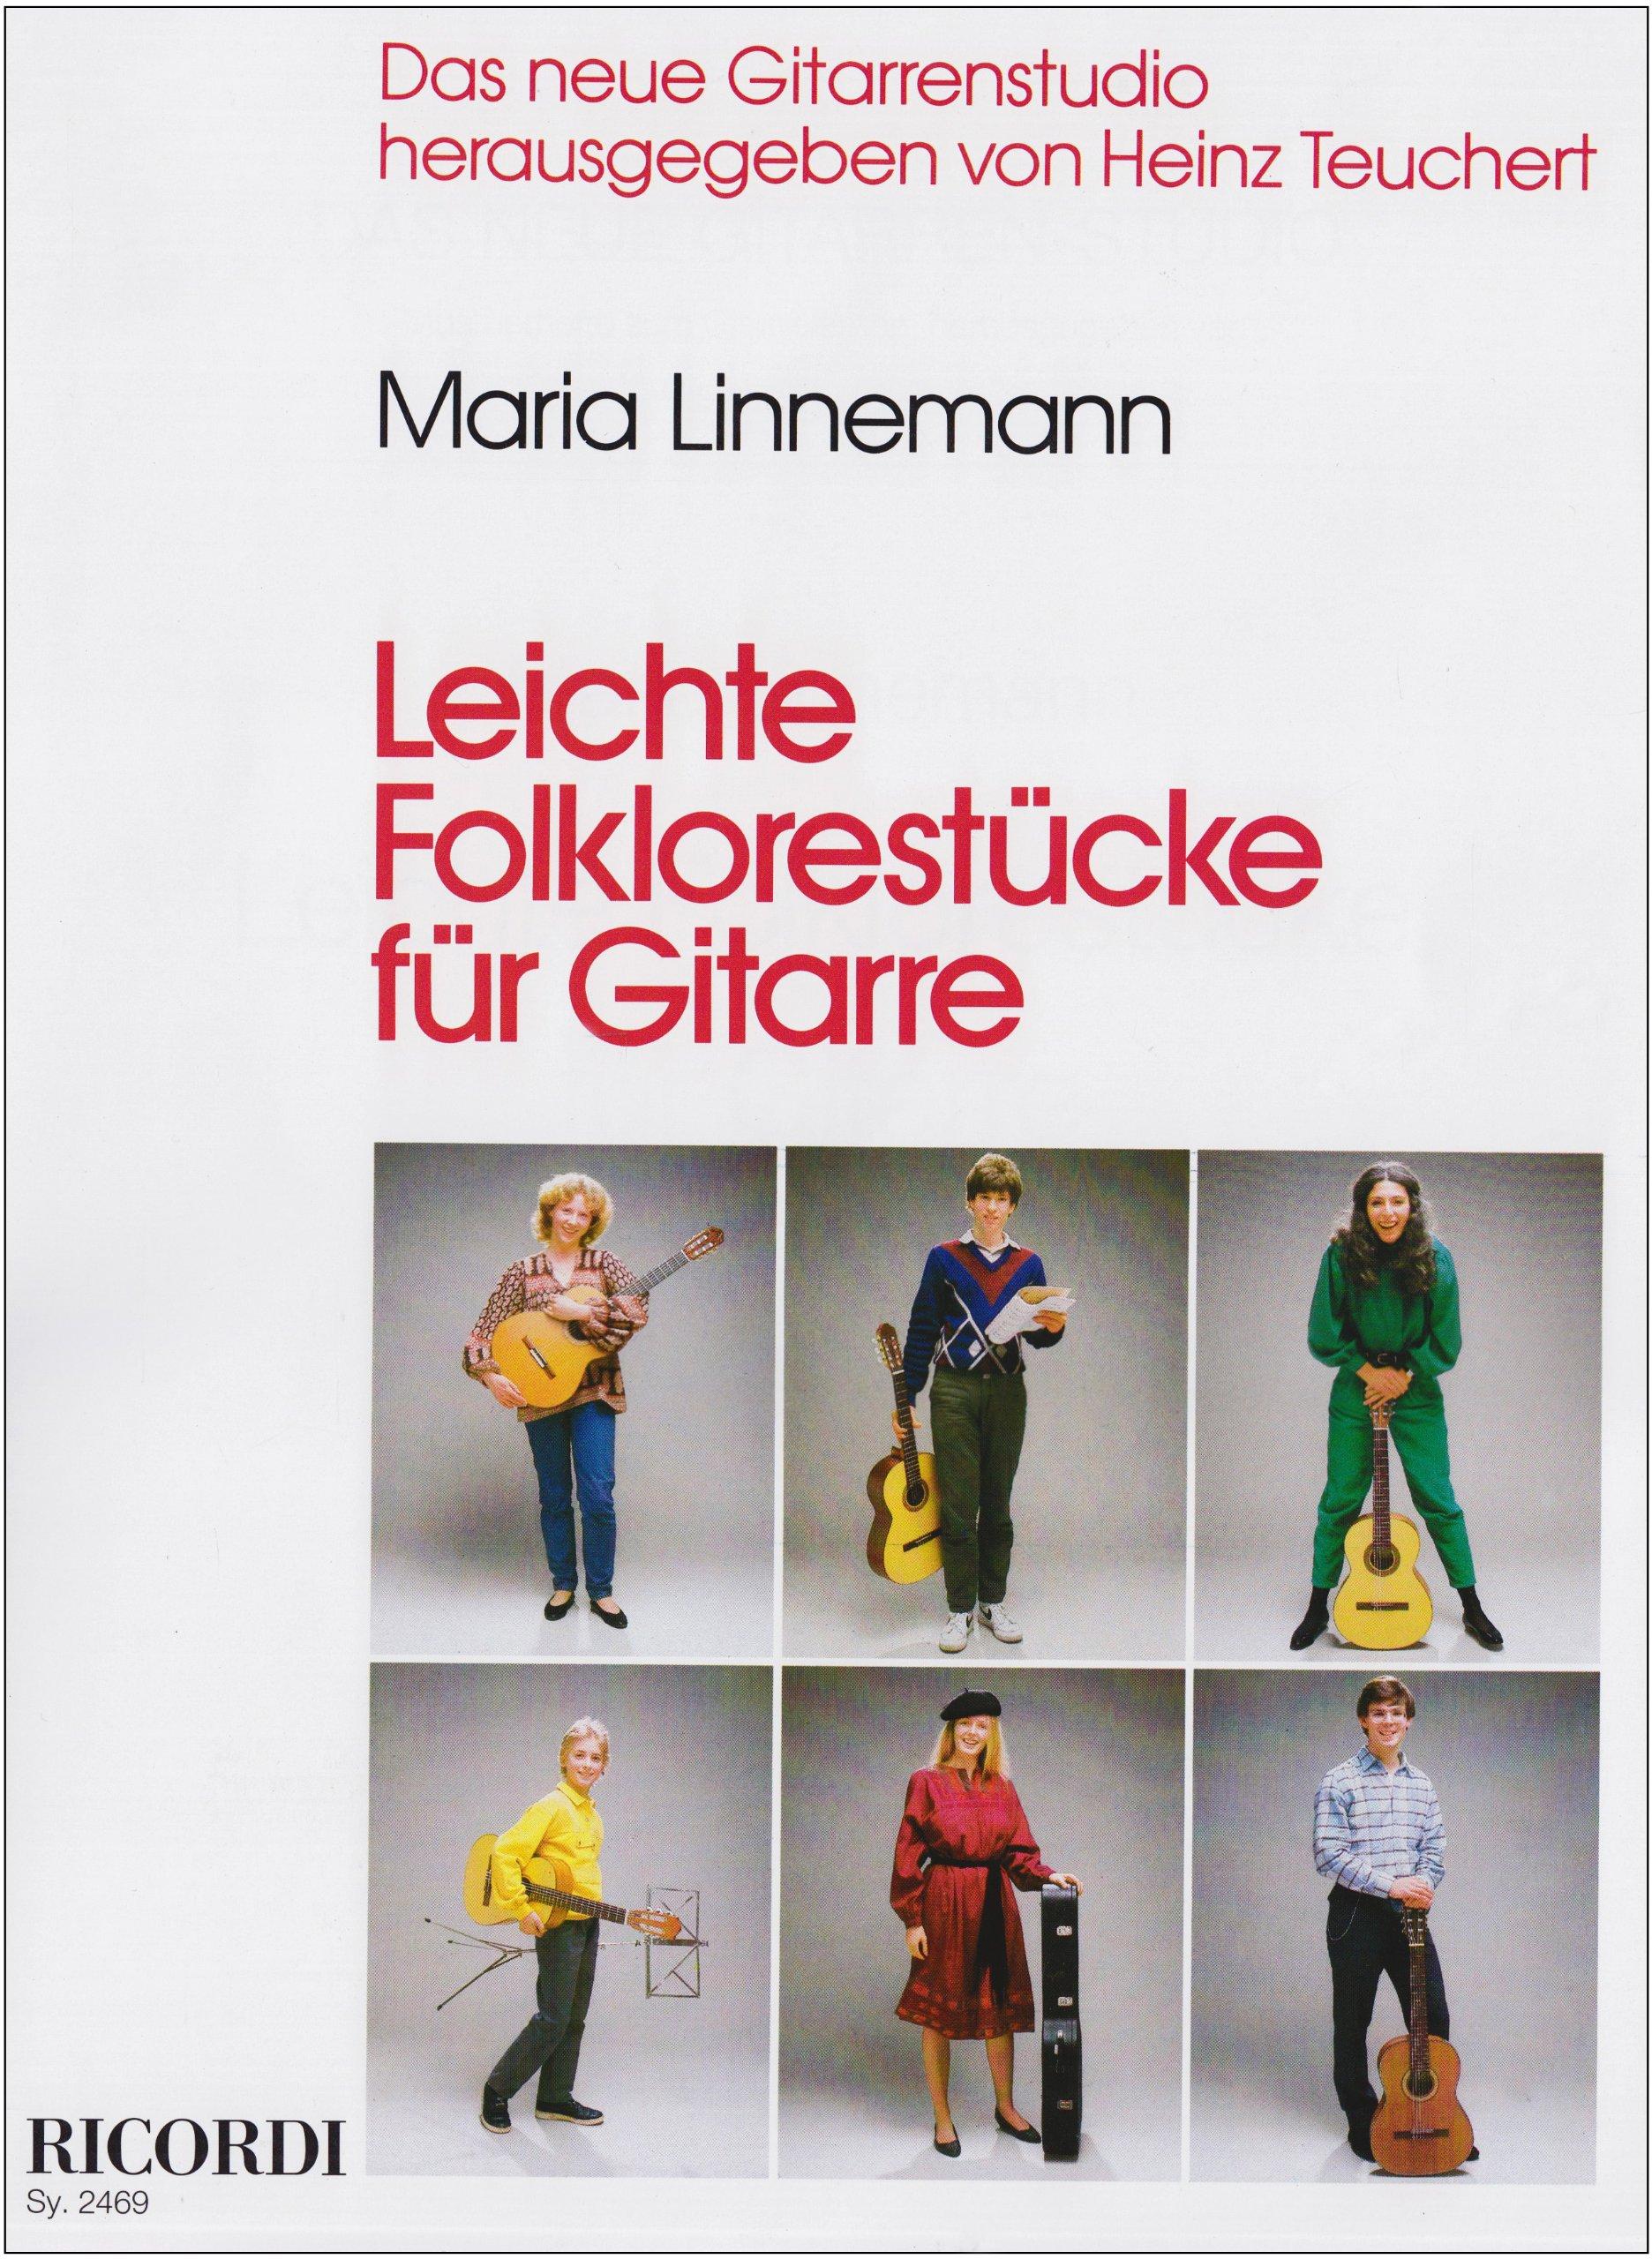 Leichte Folklorestücke: Das neue Gitarrenstudio